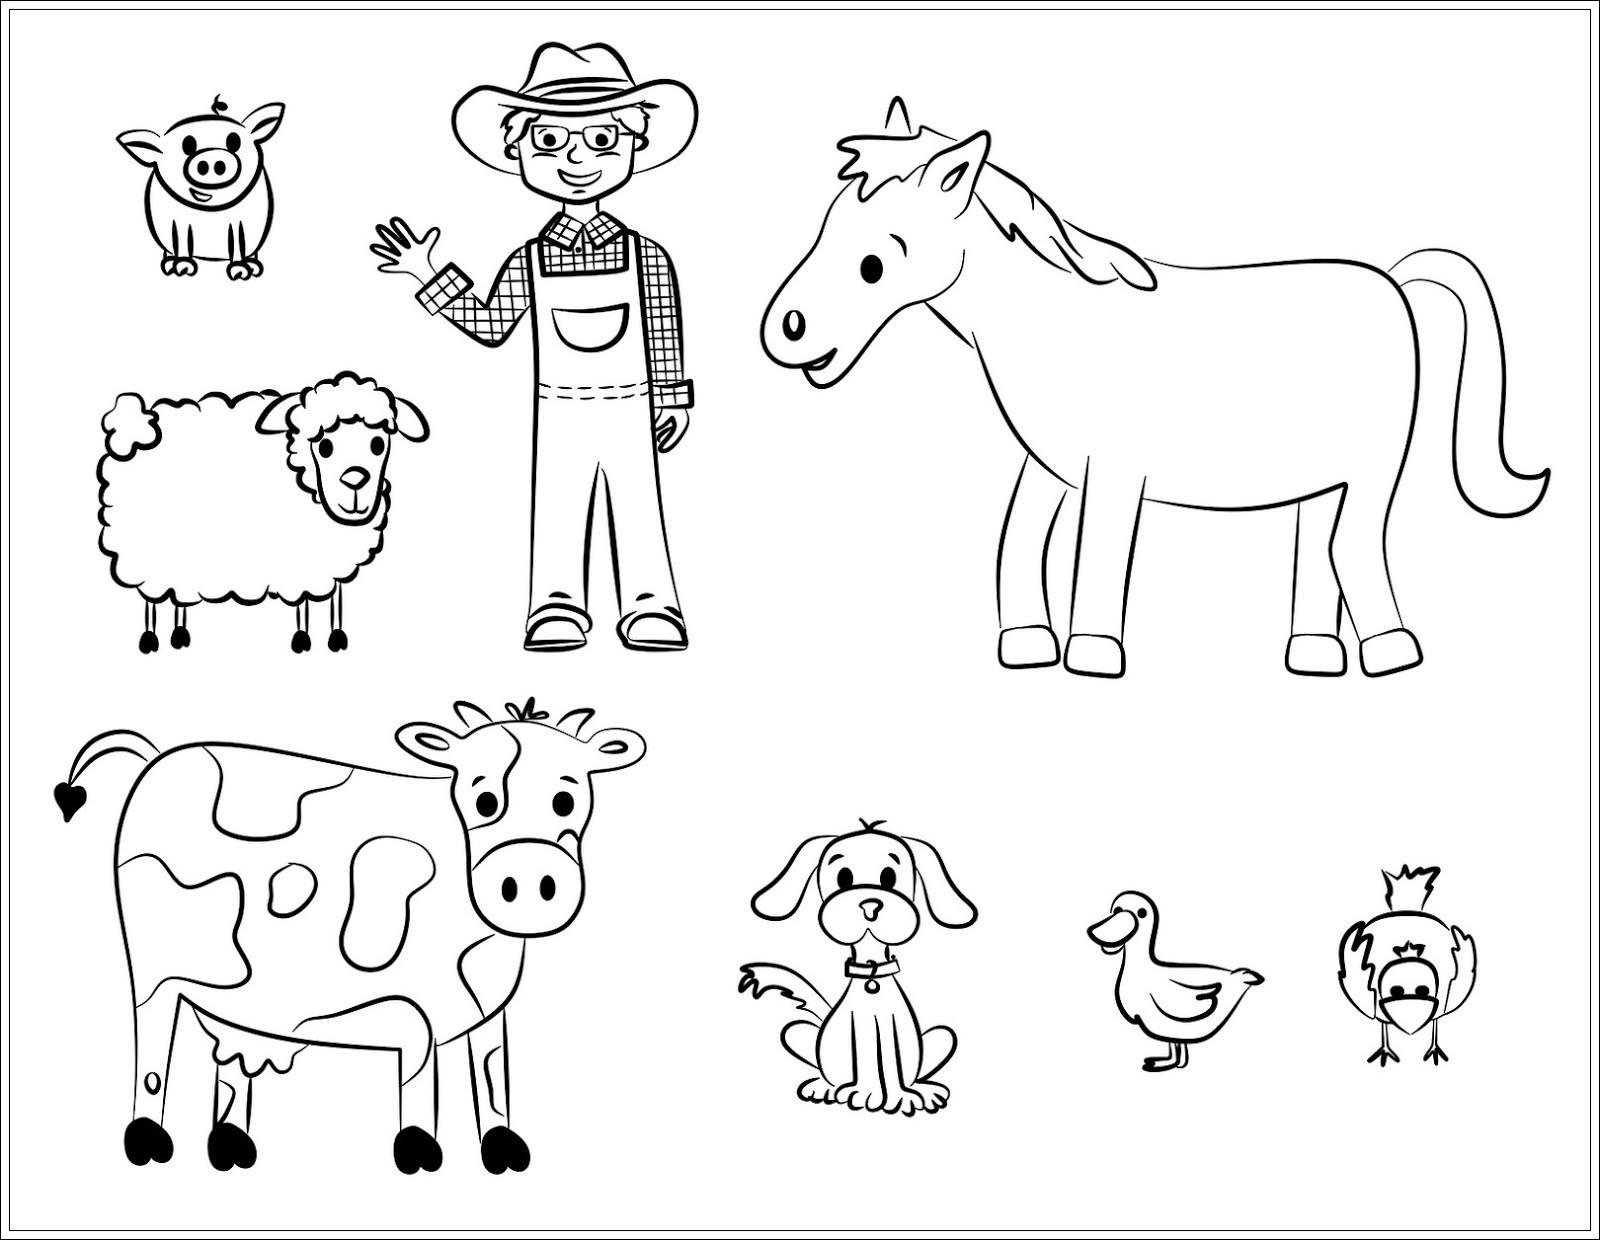 Free Printable Coloring Sheets Of Animals For 5 Grades  Ausmalbilder zum Ausdrucken Ausmalbilder Haustiere zum